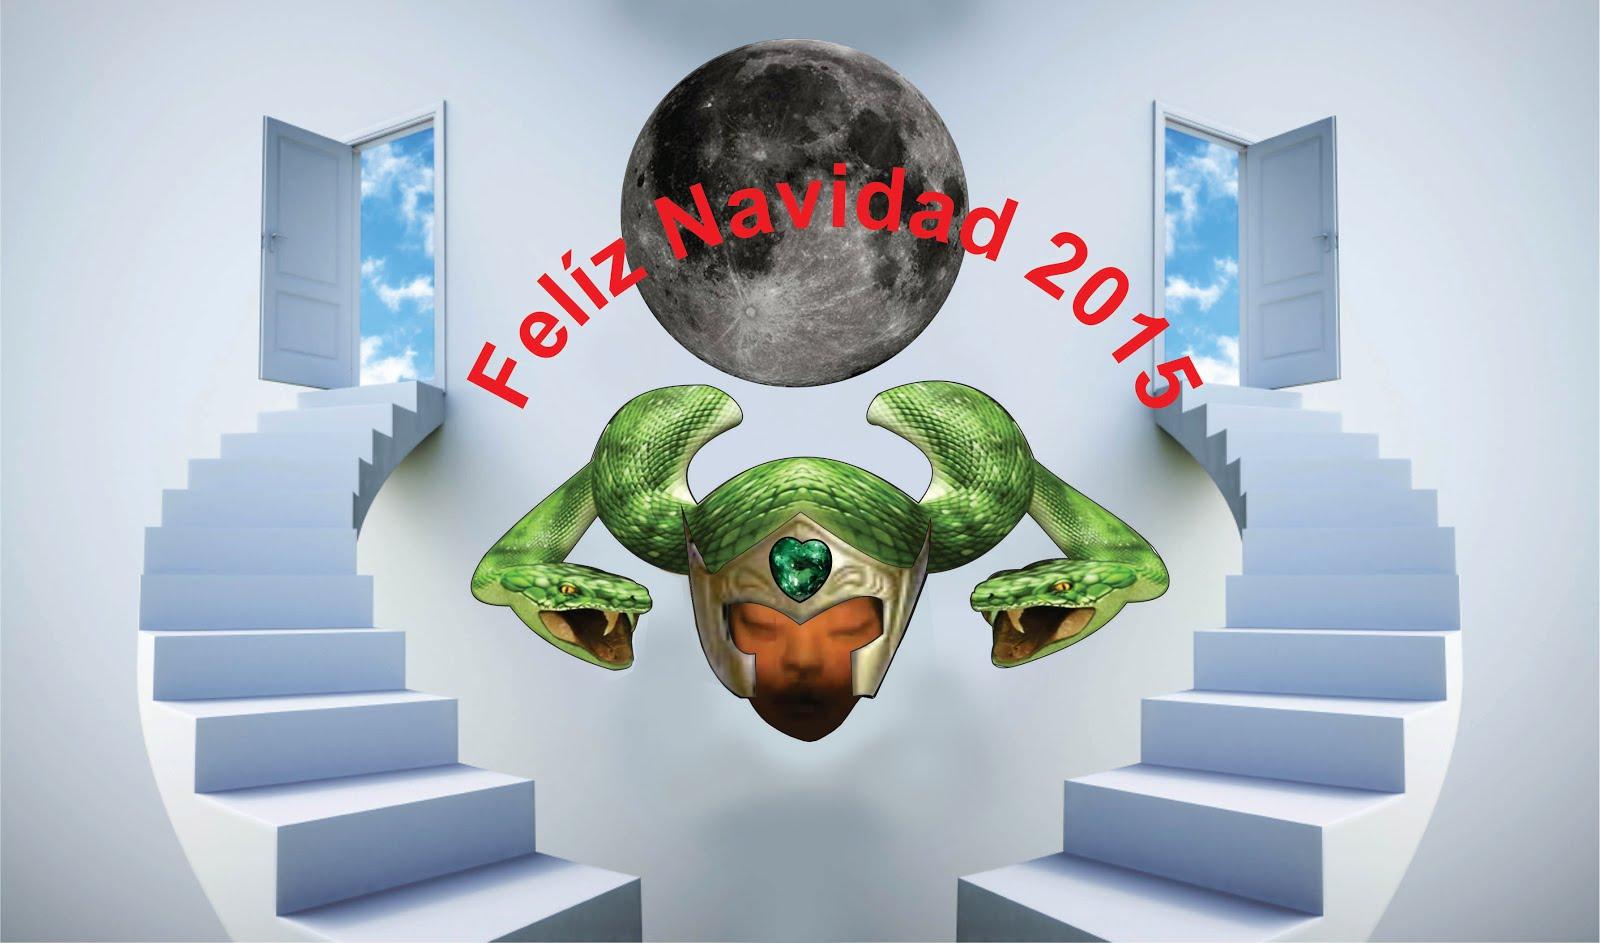 ¡FELÍZ NAVIDAD 2015!